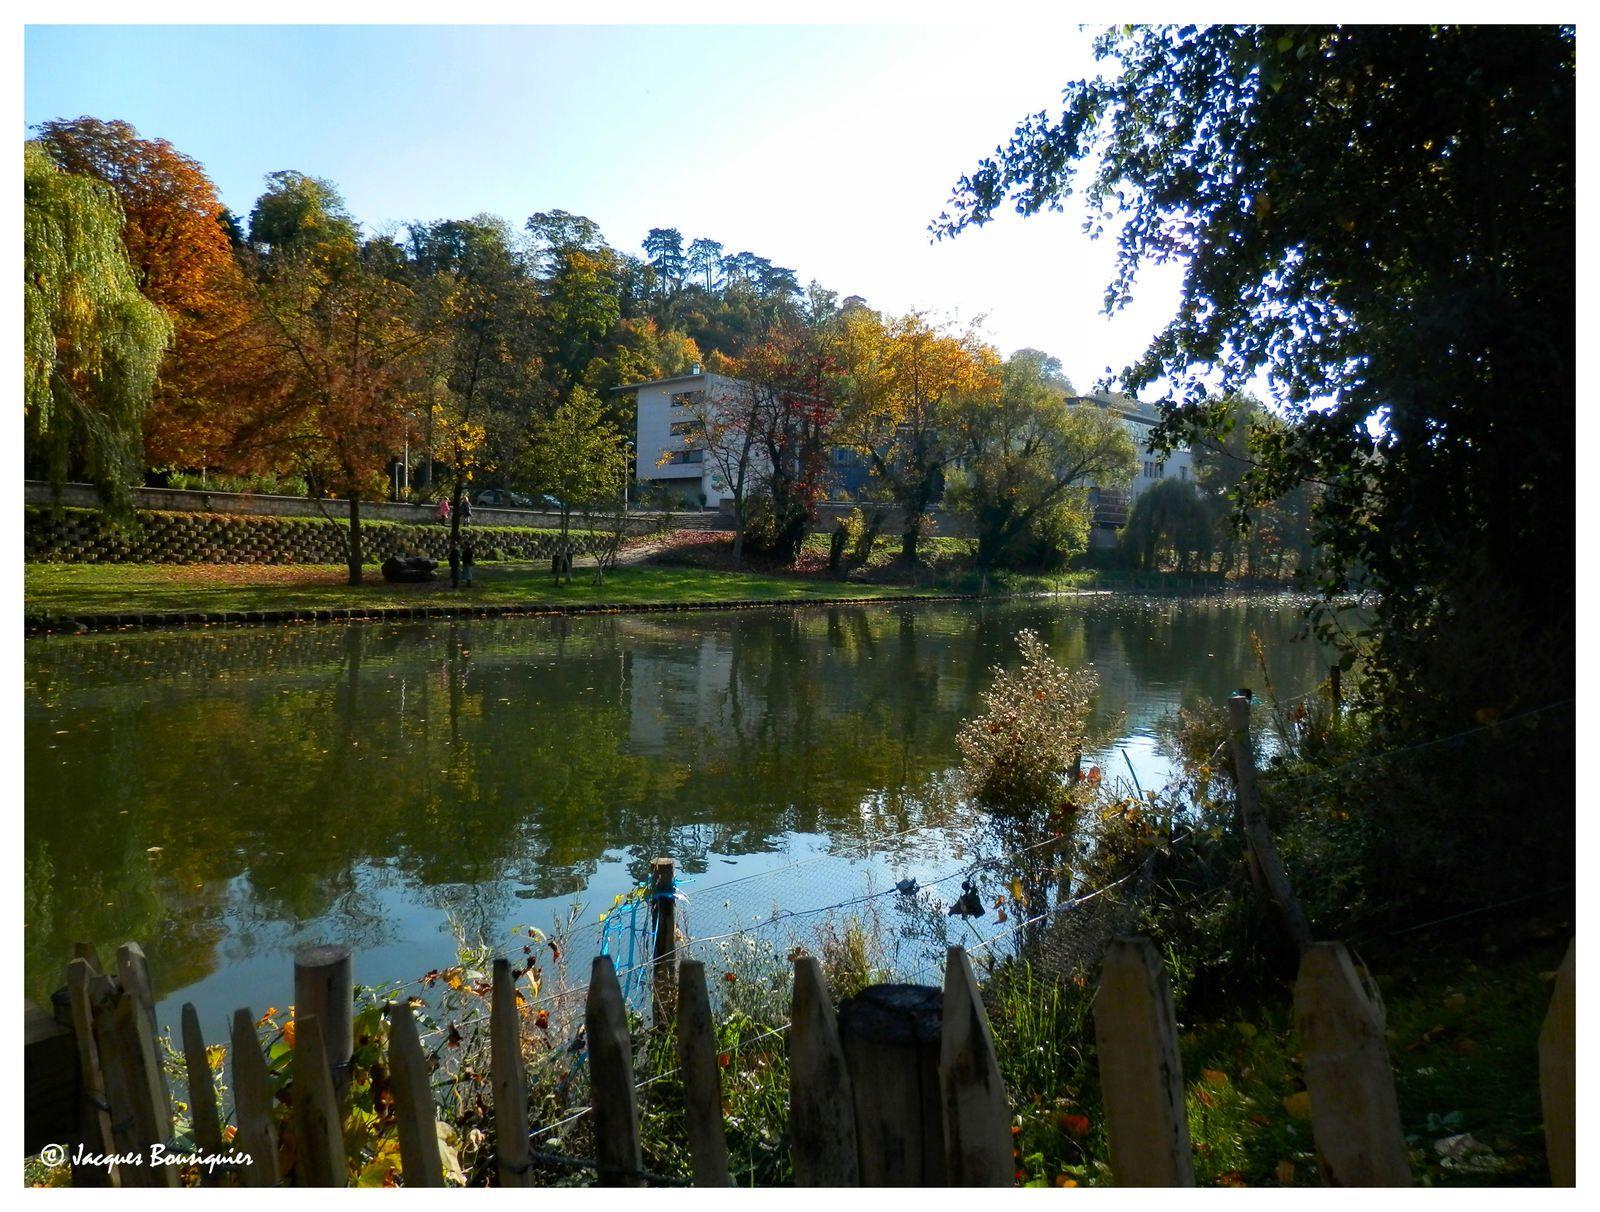 Balade au parc un jour d'automne...